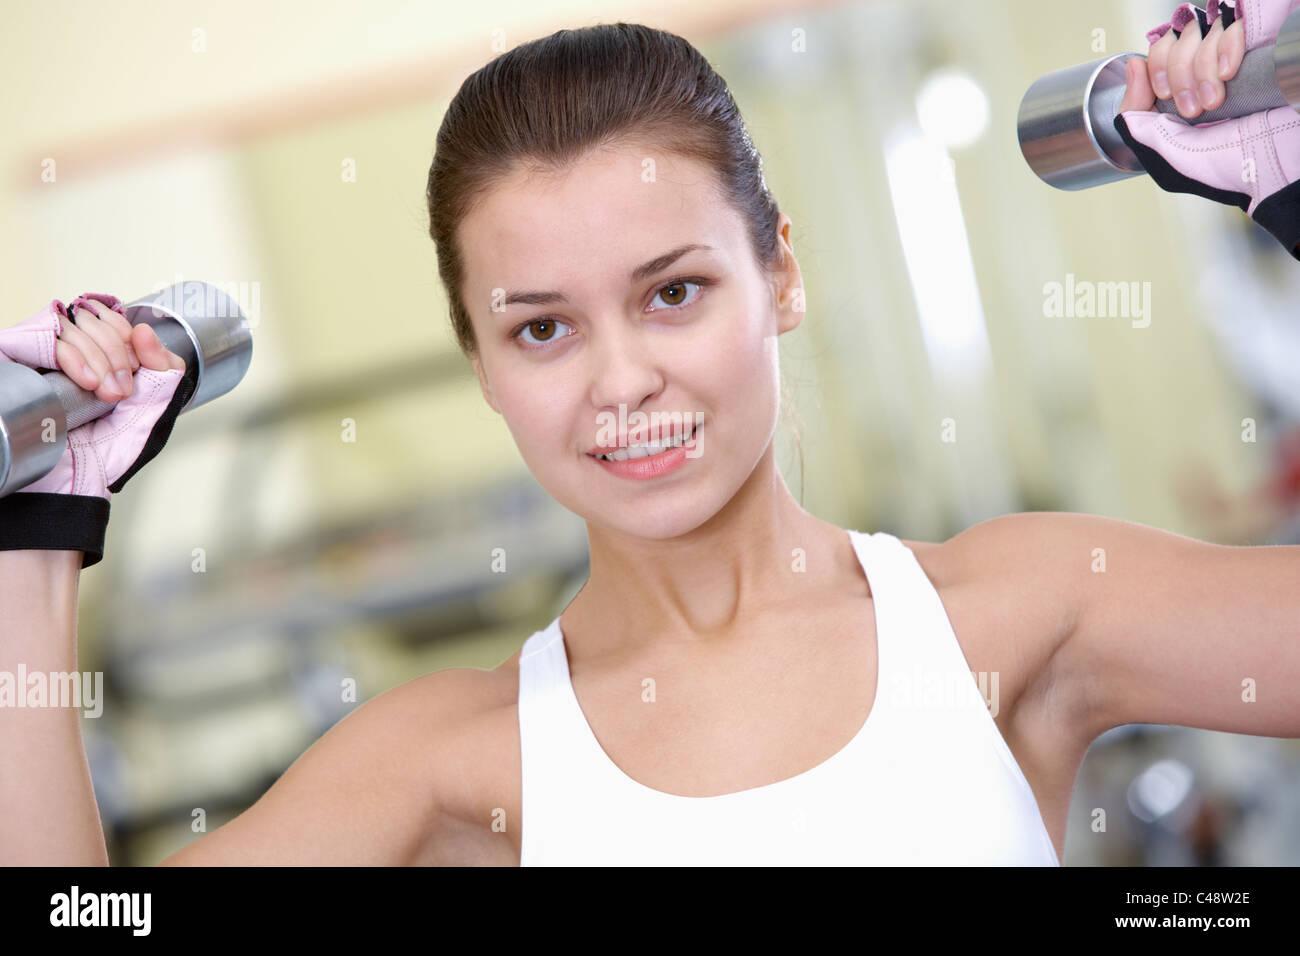 Retrato de mujer joven haciendo ejercicios con pesas en el gimnasio Imagen De Stock